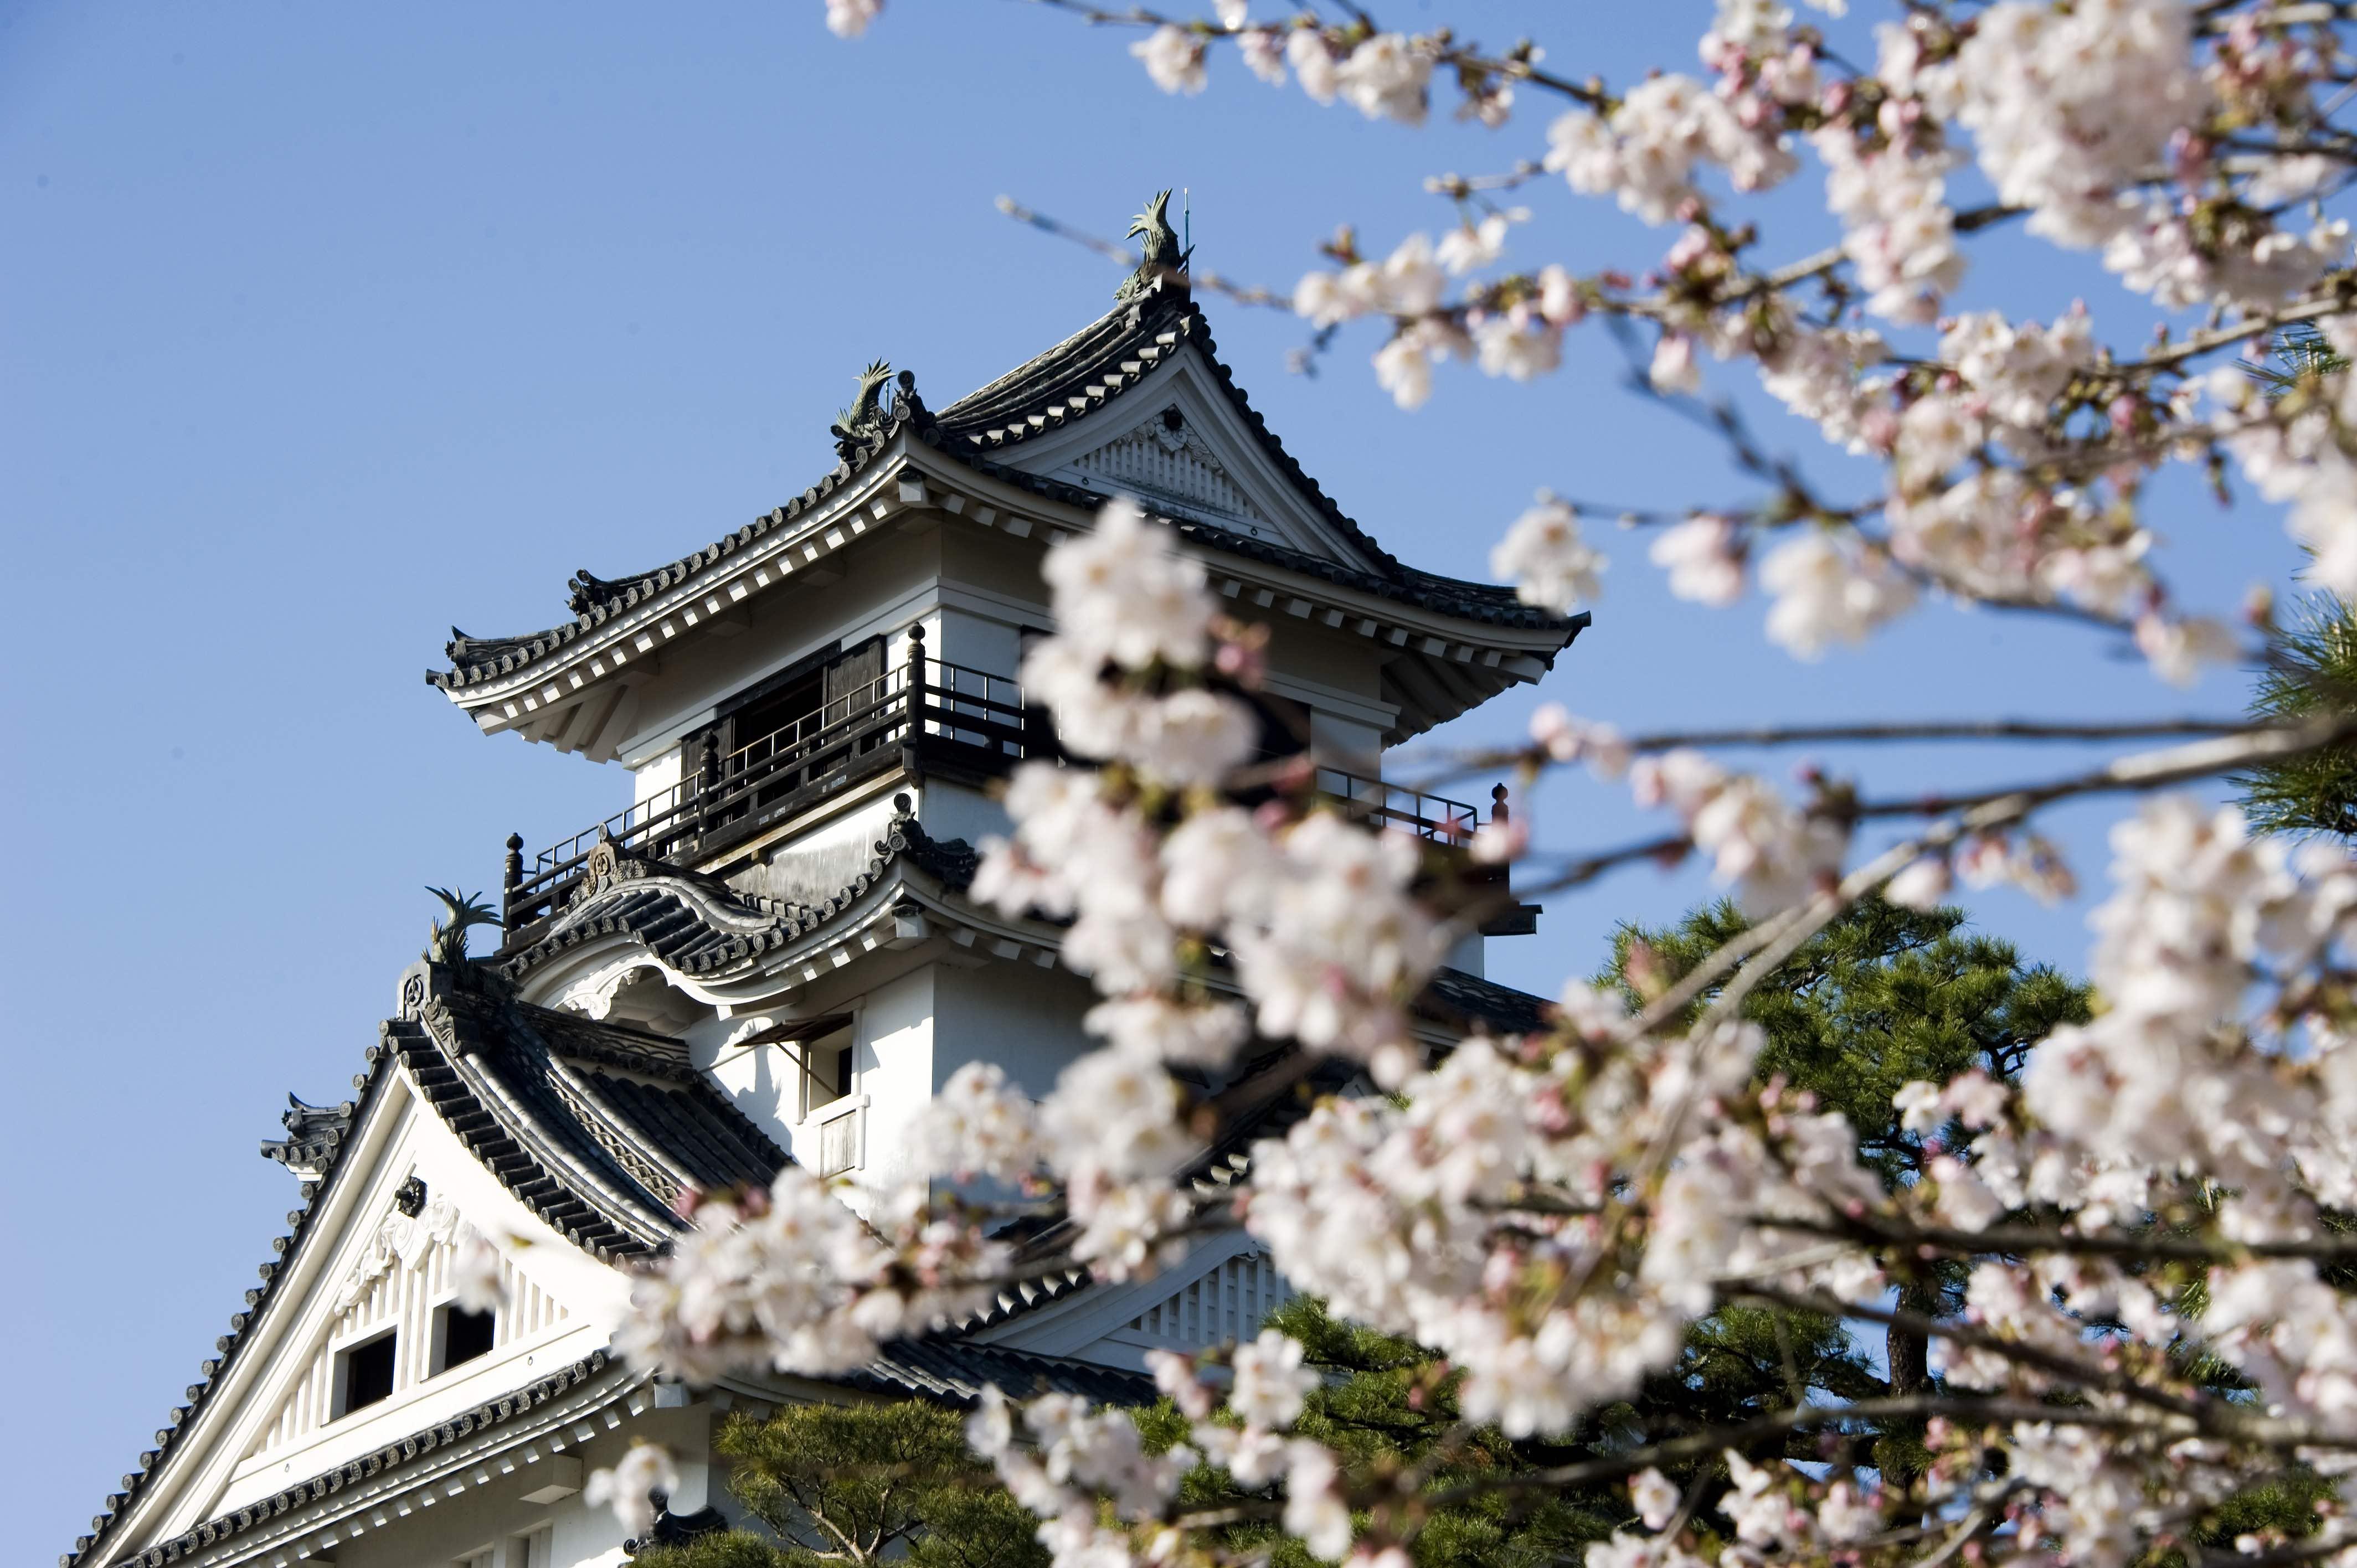 kochi-castle